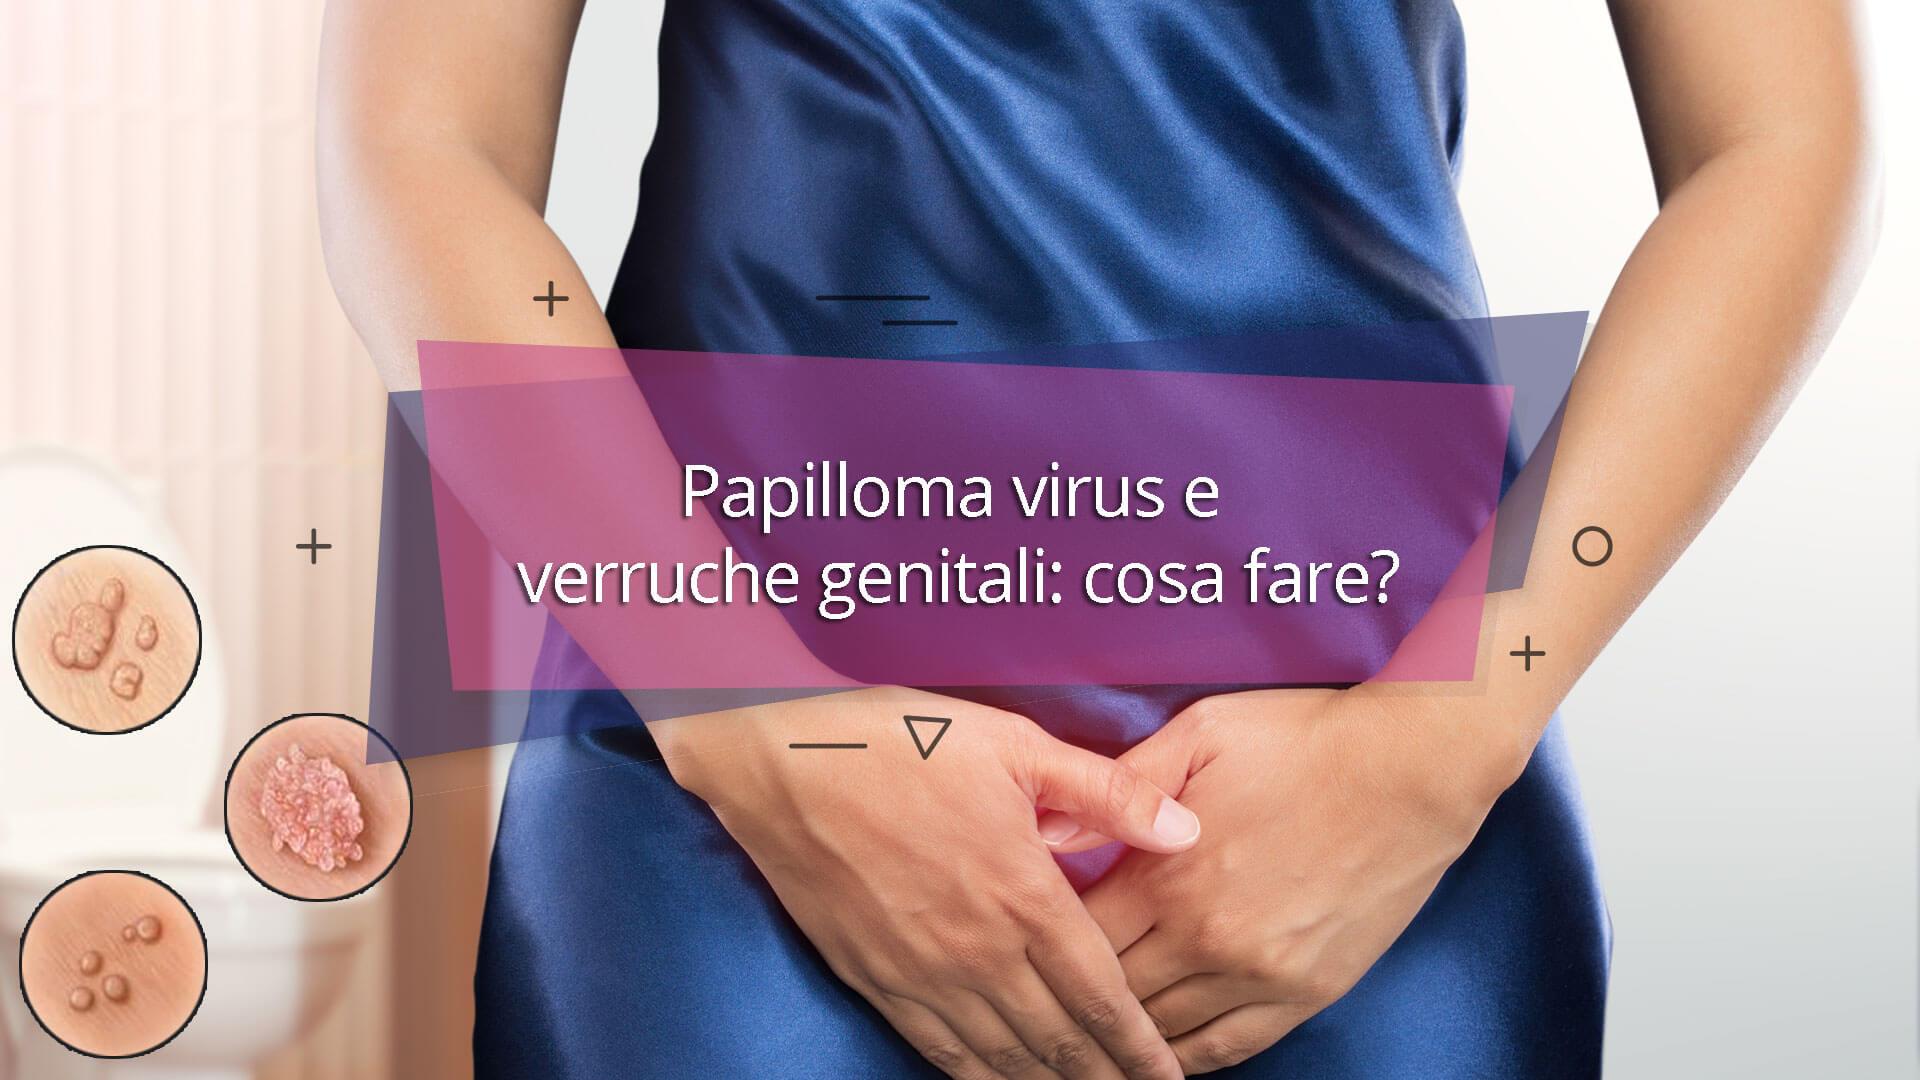 verruche del papilloma virus)